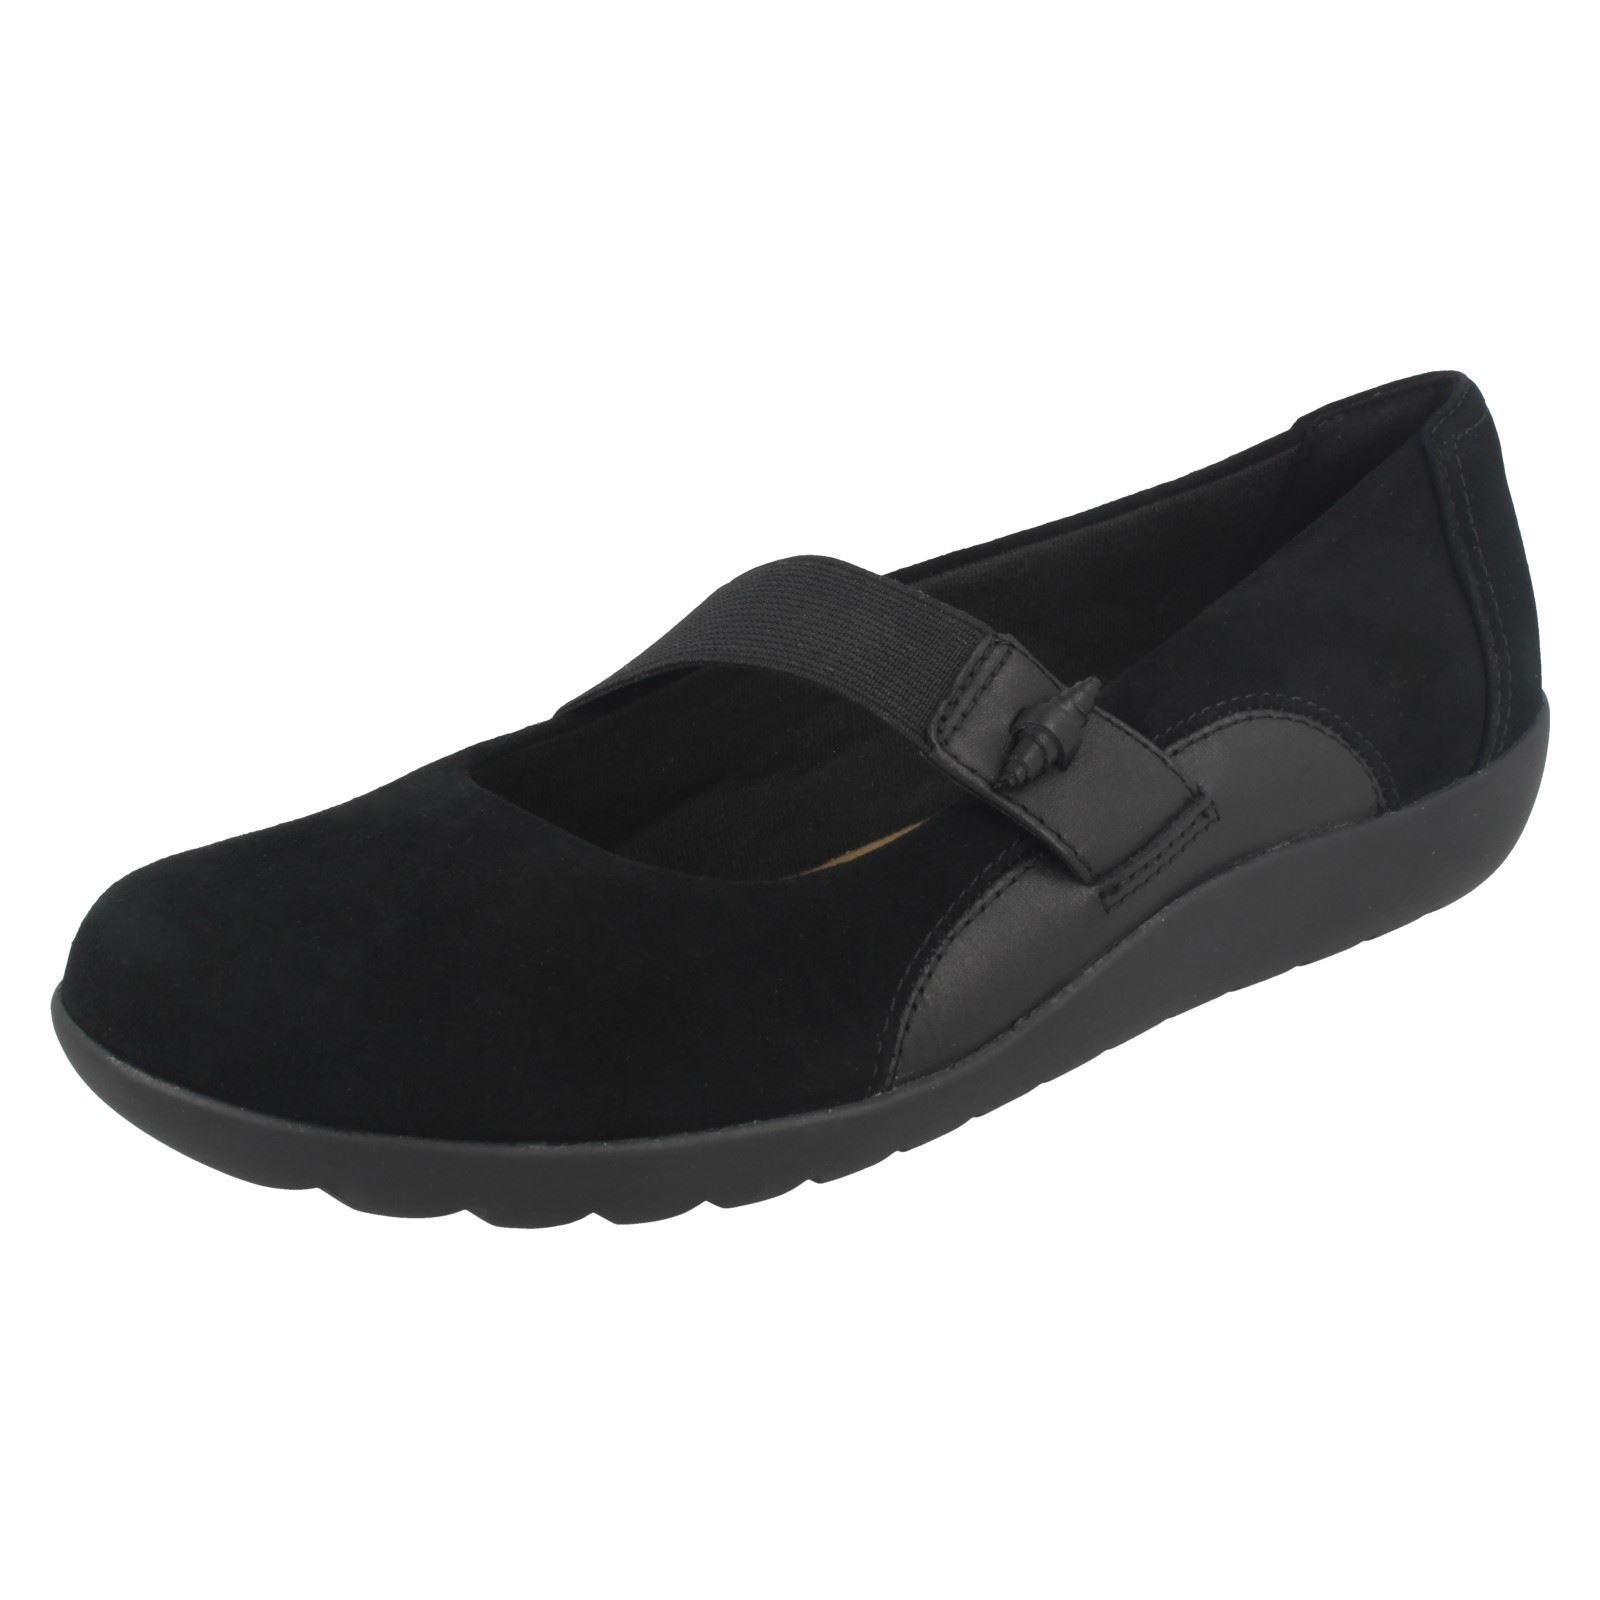 Clarks DA DONNA MEDORA Frost scarpe casual nere camoscio Cinghia Elastica